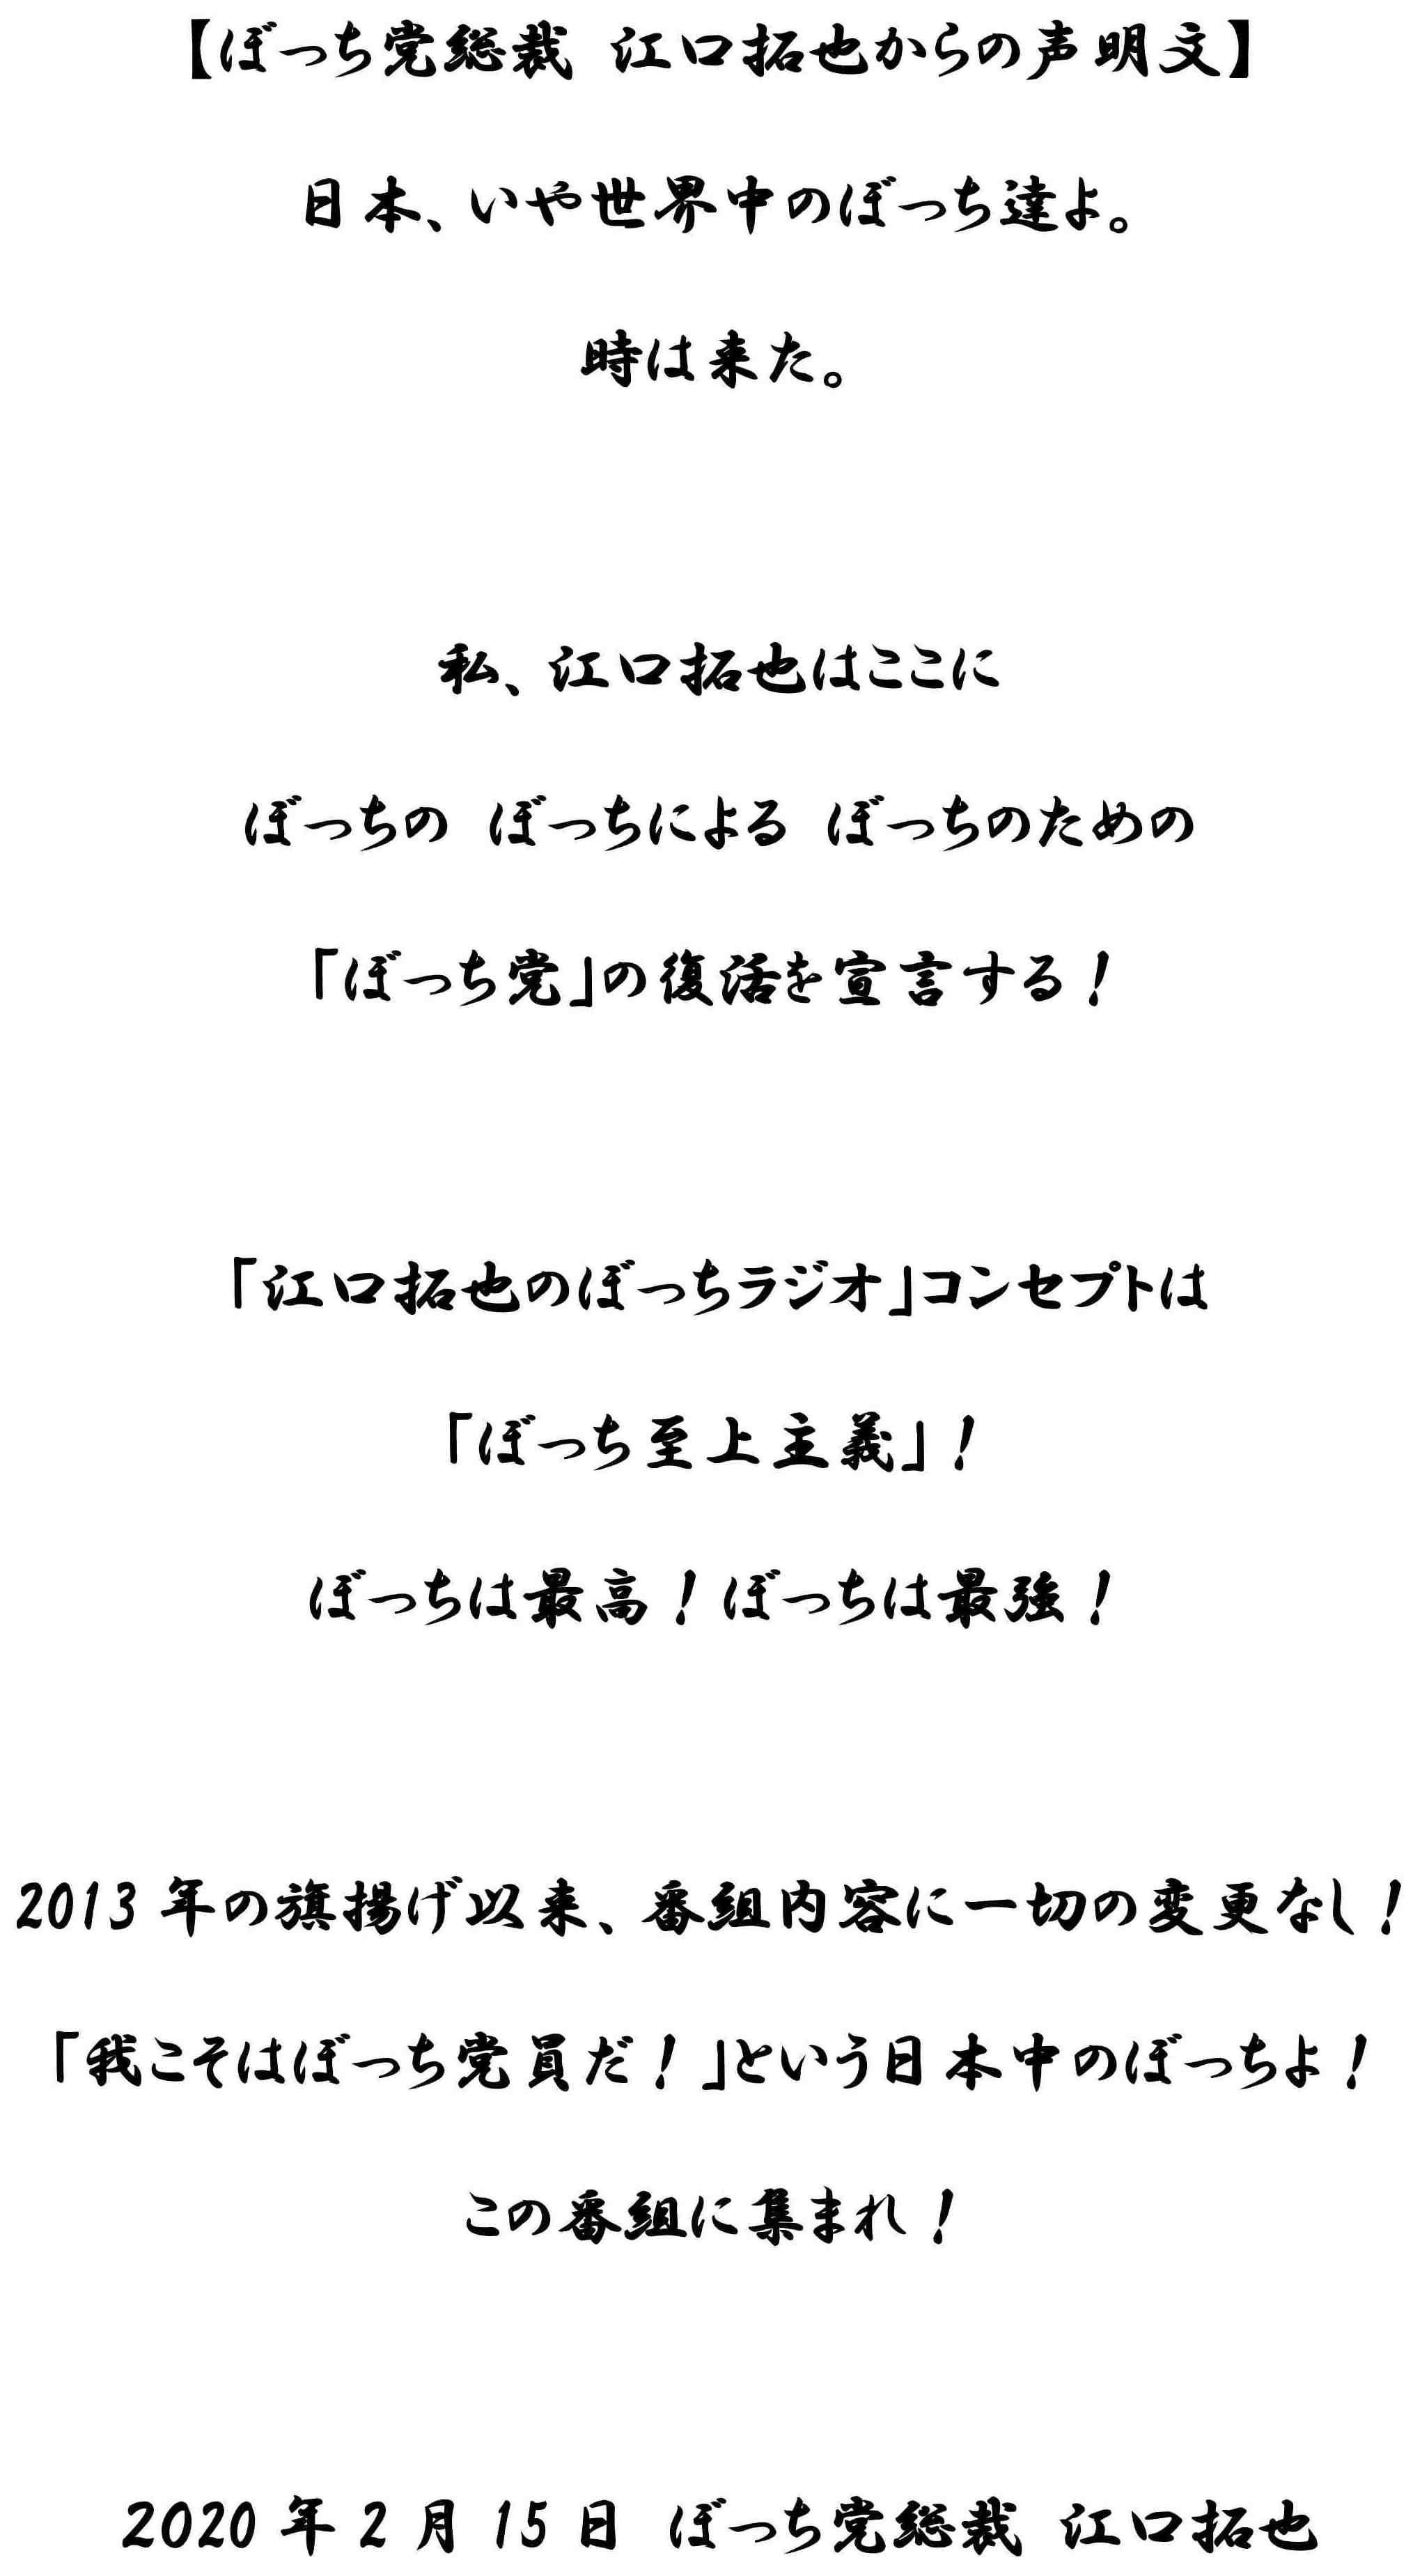 ぼっち声明文(差し替え予定)